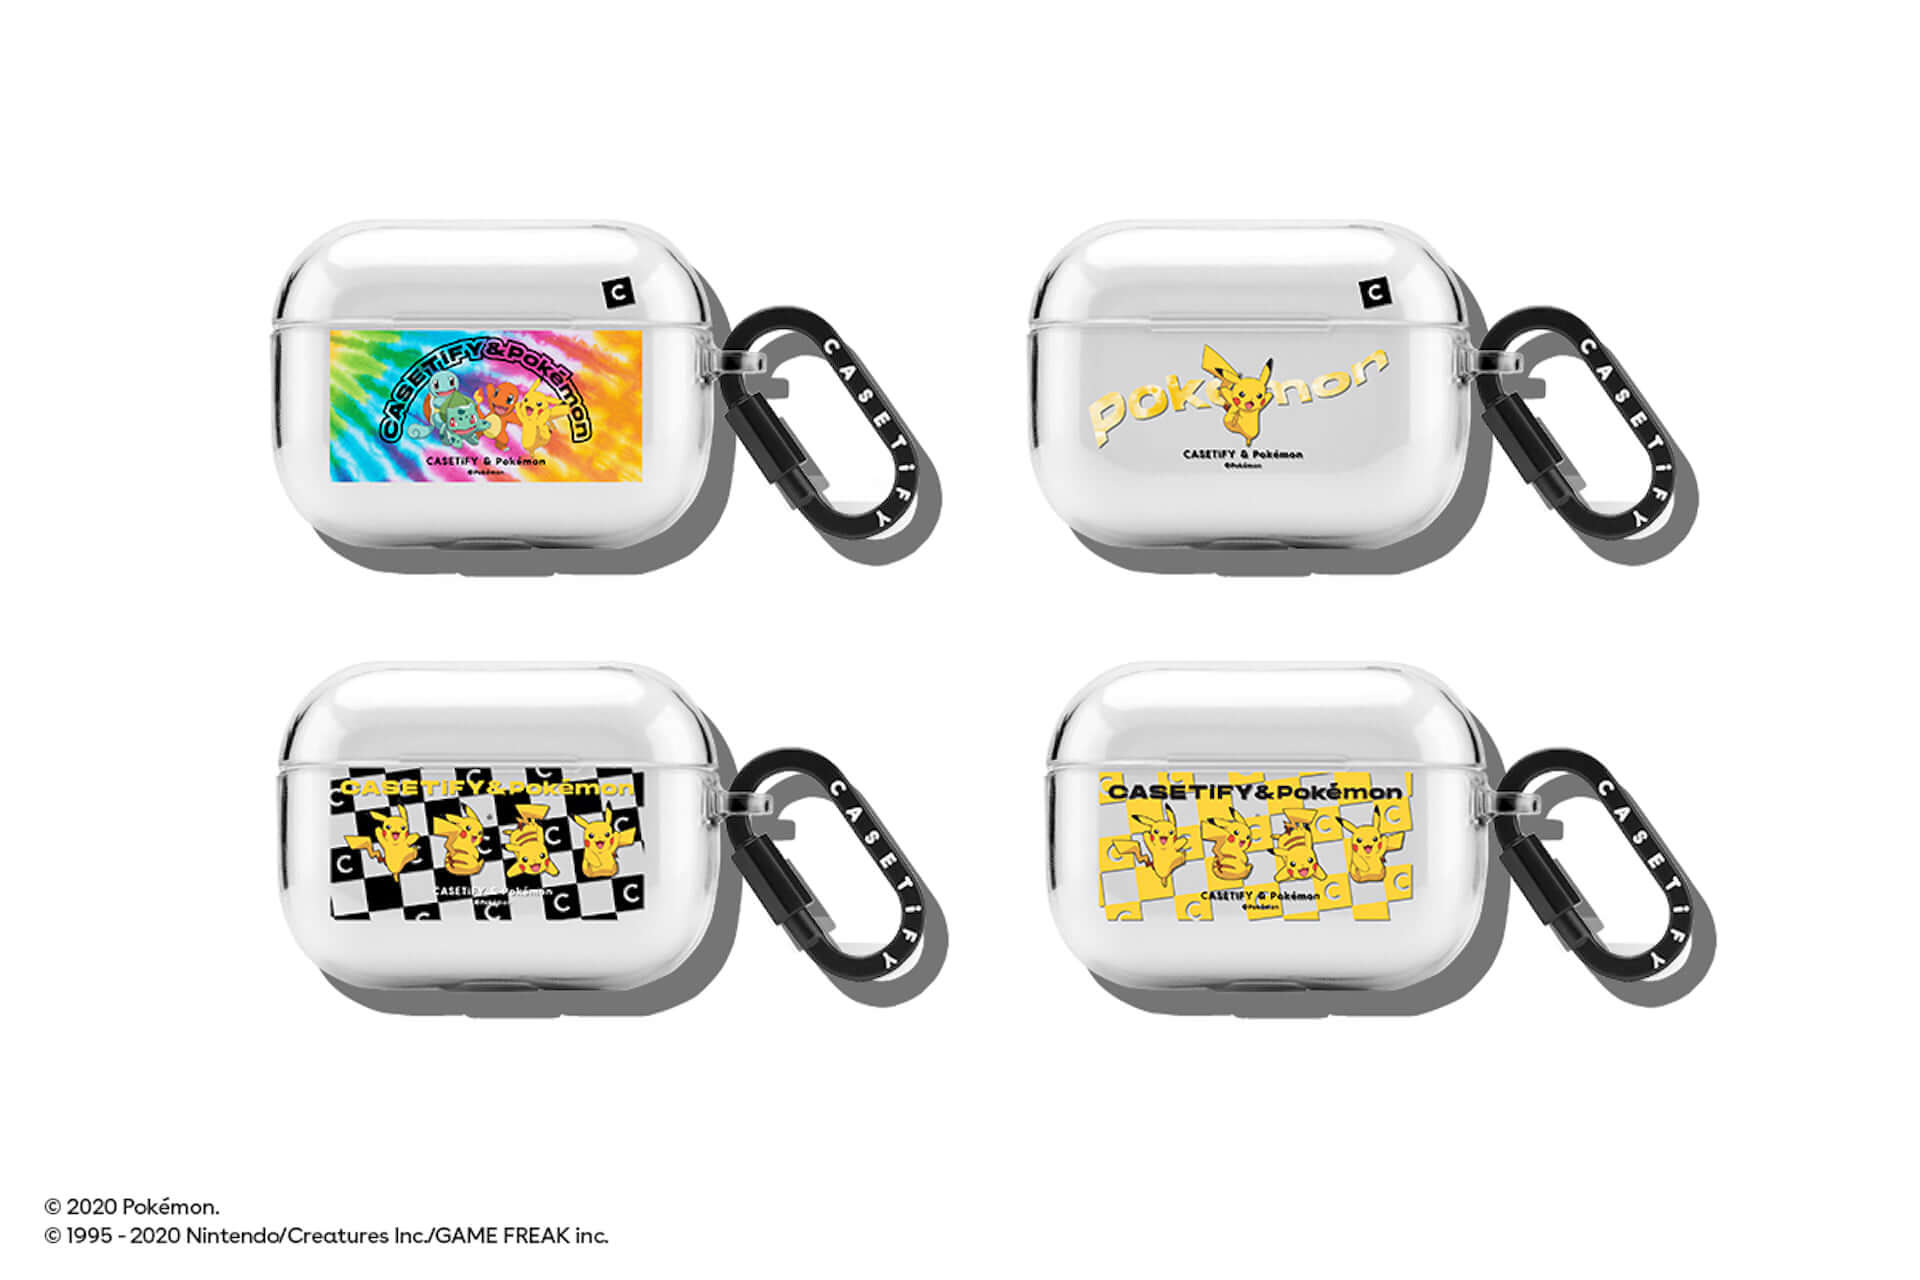 CASETiFYとポケモンの再タッグが実現!新コレクション第1弾にiPhoneケース、ワイヤレスチャージャー等が発売決定 tech200727_casetify-pokemon_18-1920x1280